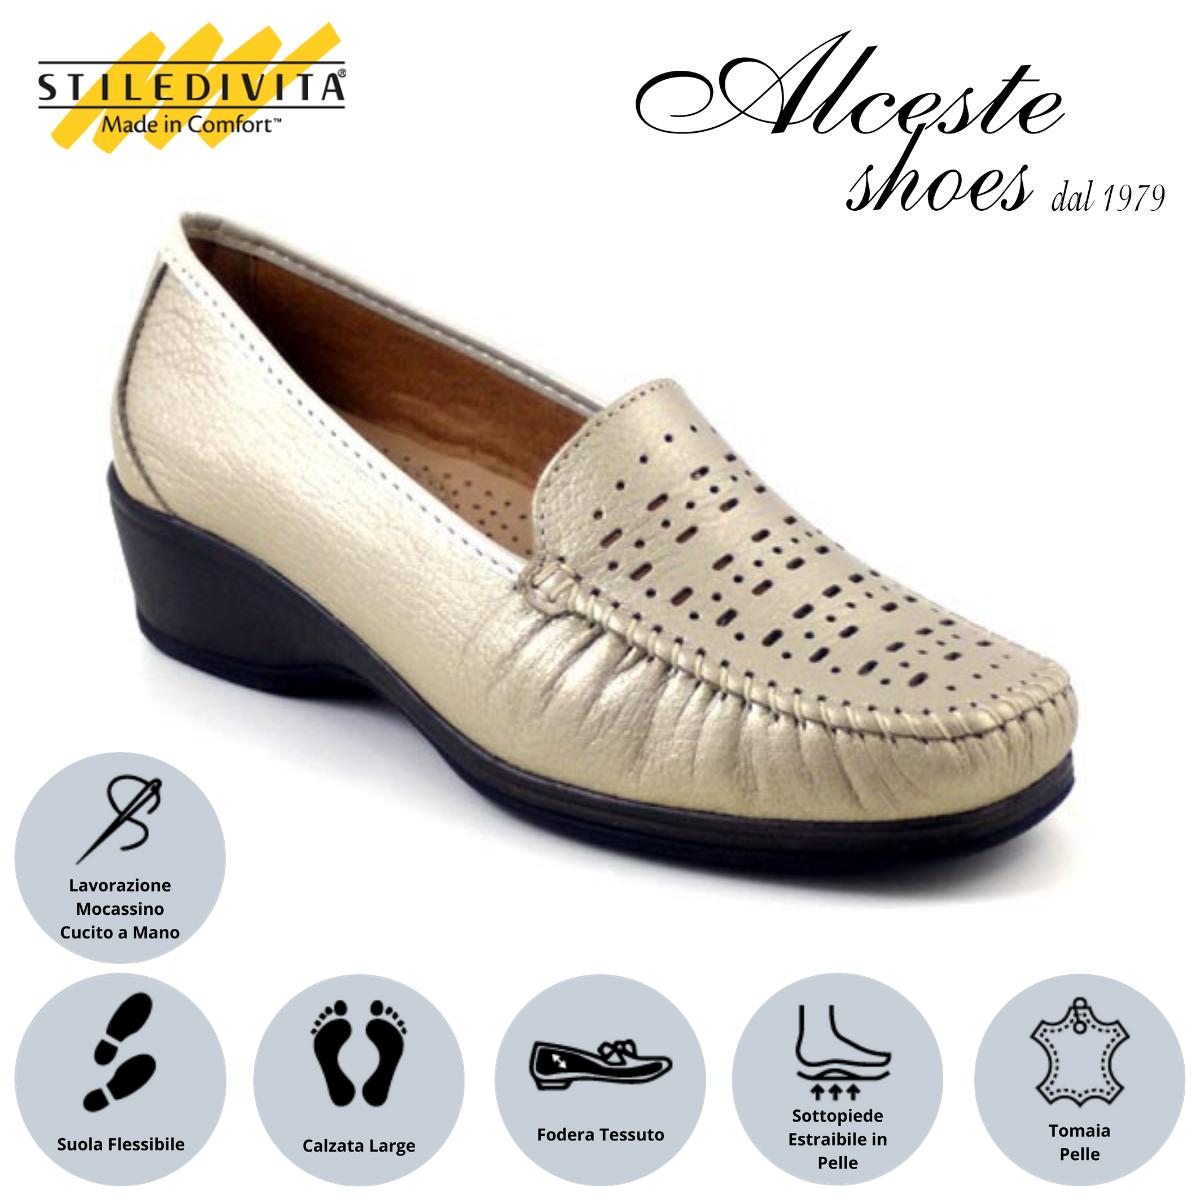 Mocassino Traforato Stiledivita Art. 2528 Pelle Pietra Alceste Shoes 12 1